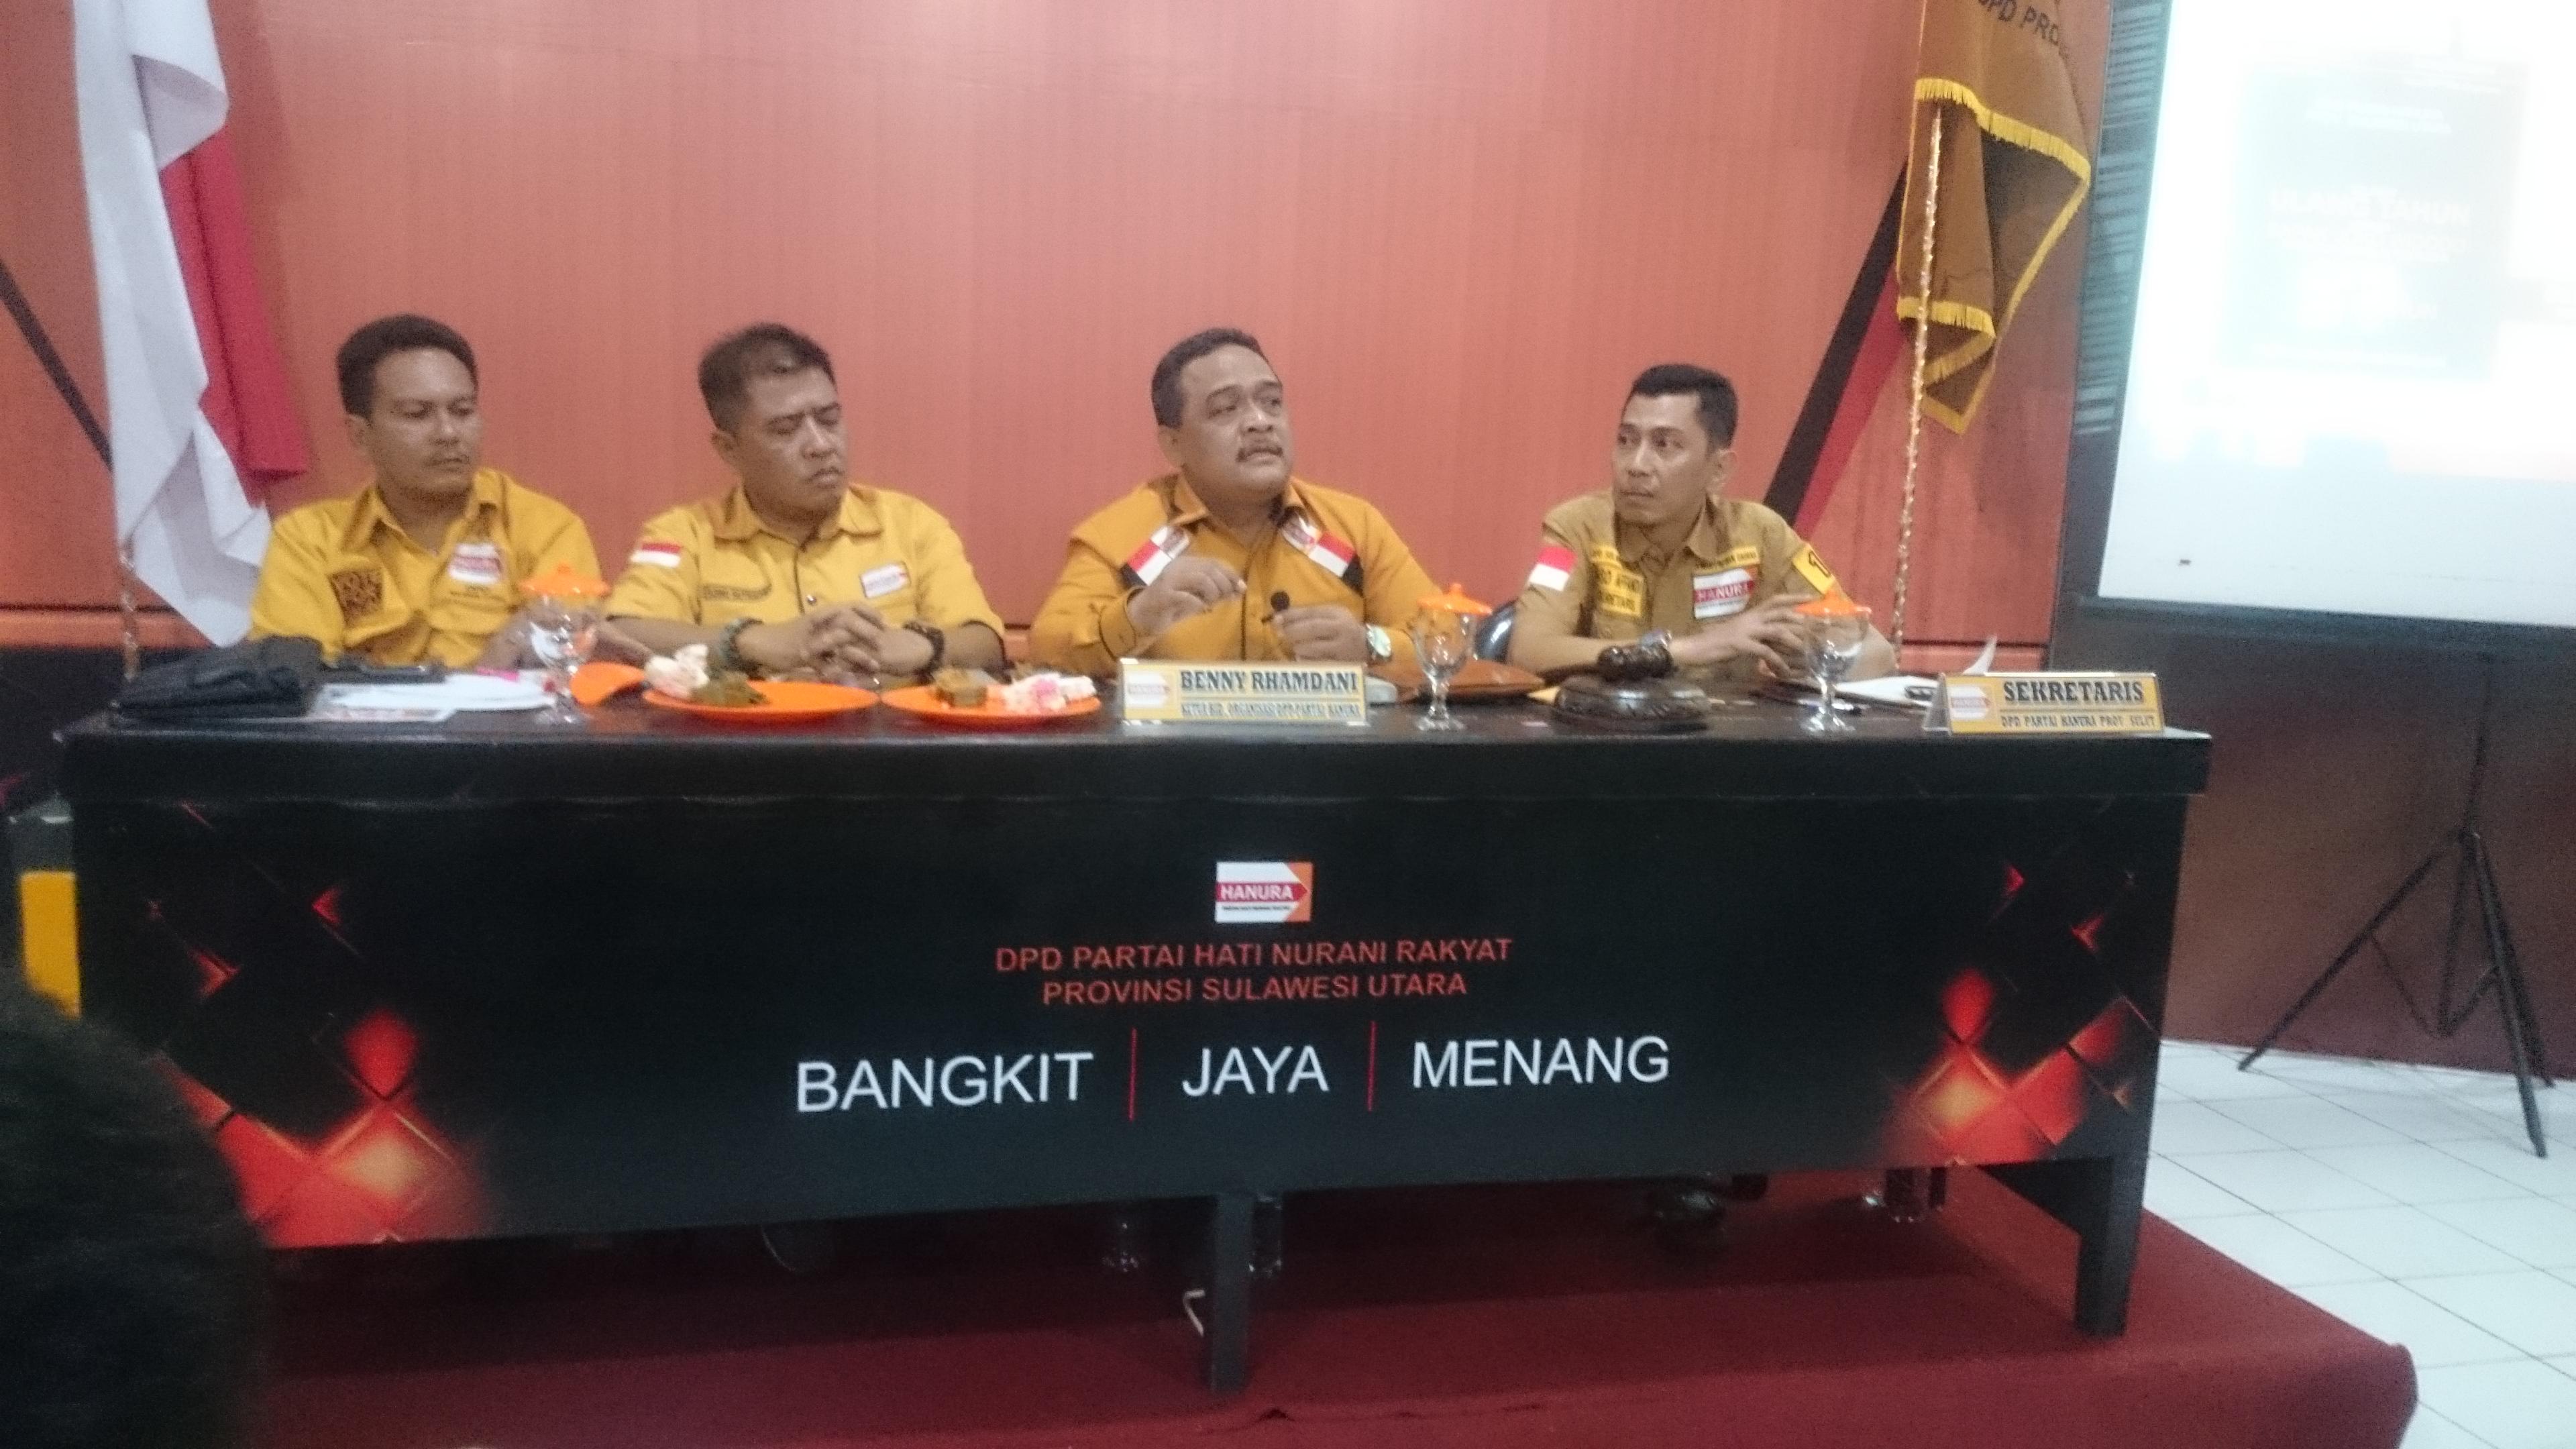 Benny Ramdhani saat mewakili DPP Hanura menggelar konferensi pers dan didampingi pengurus DPD Hanura Sulut